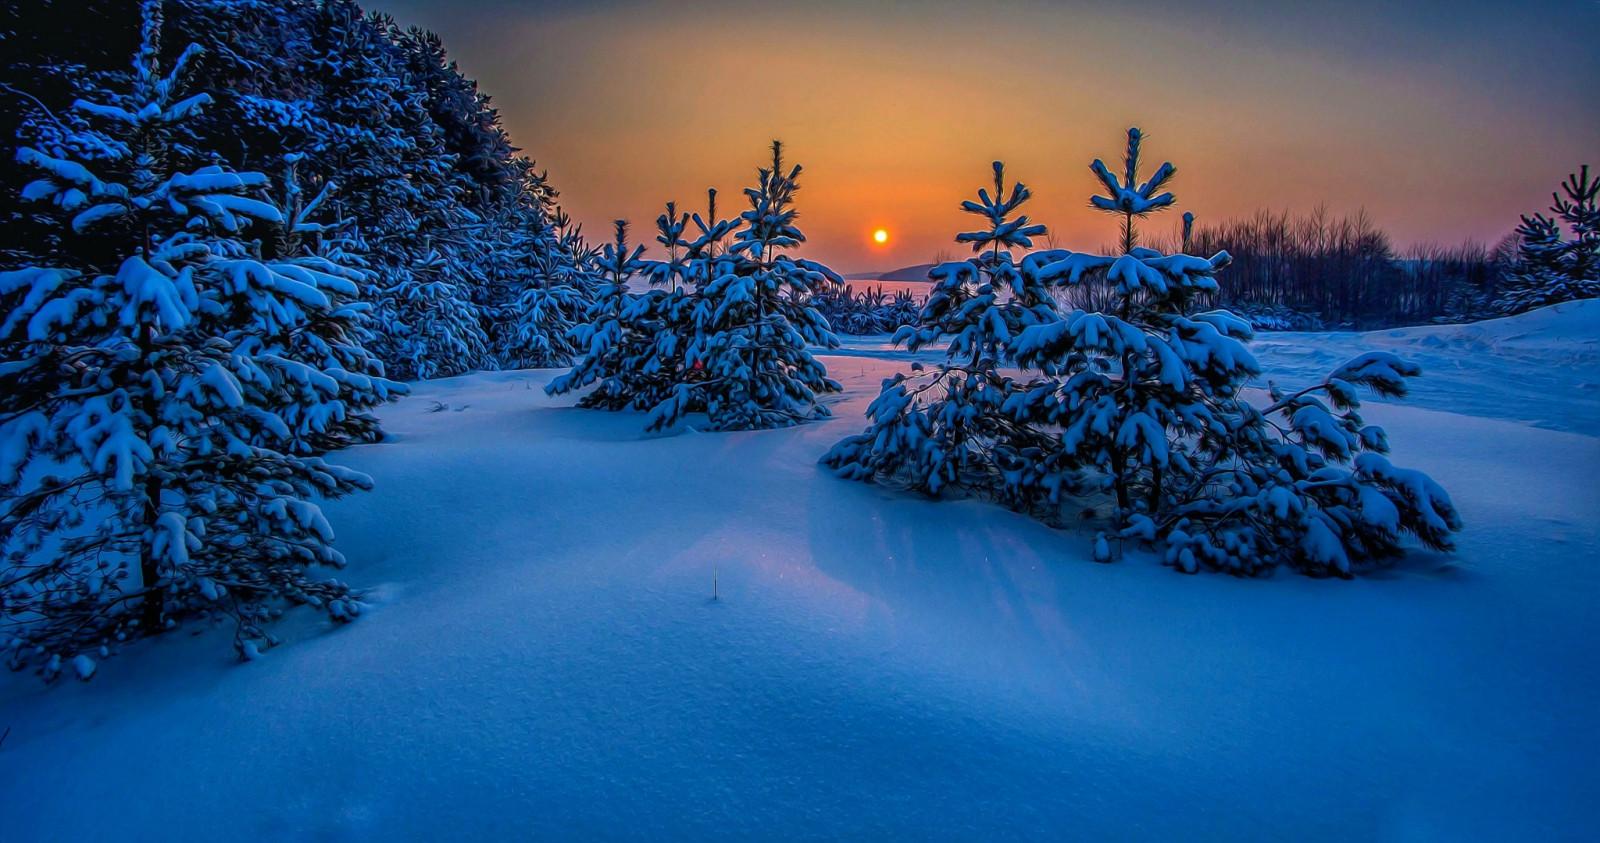 Красивые зимние пейзажи фото известных фотографов муж олег